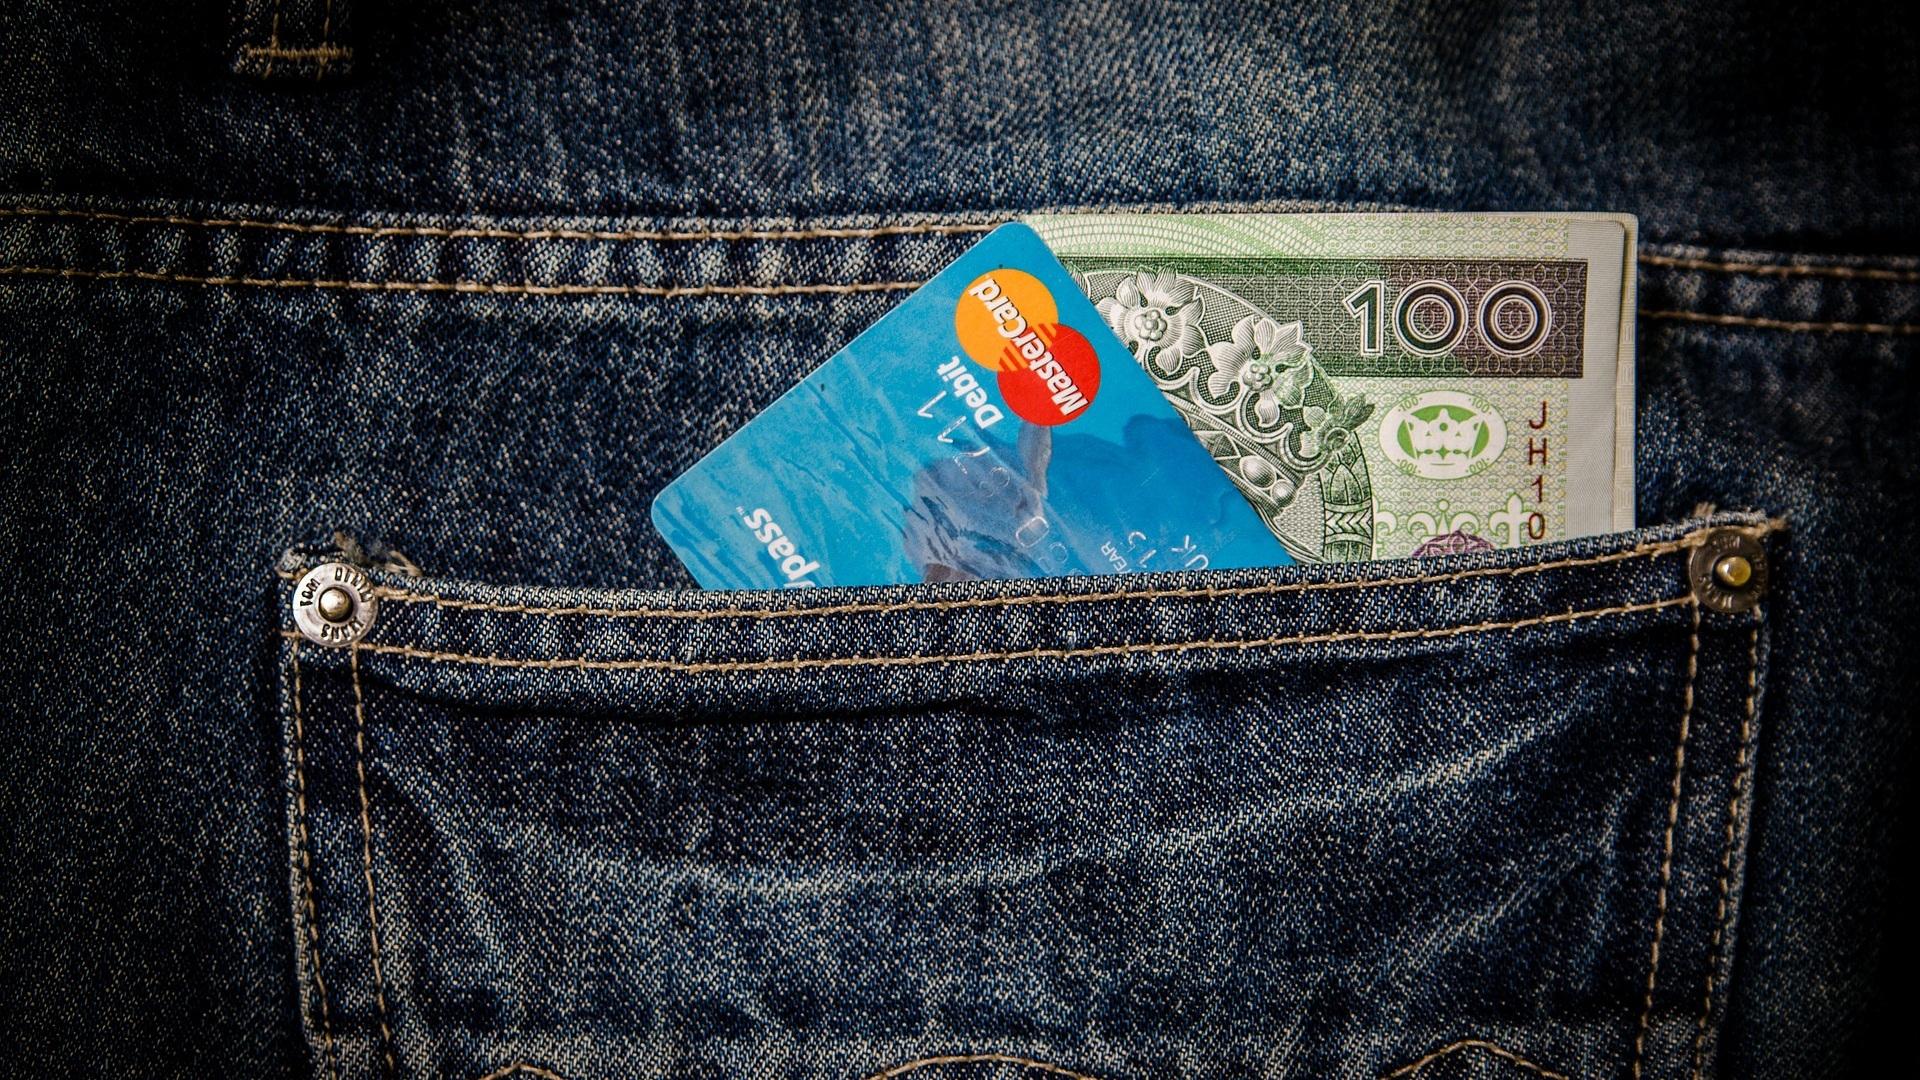 Geld ist ein praktisches, universelles und sehr kompaktes Tauschmittel